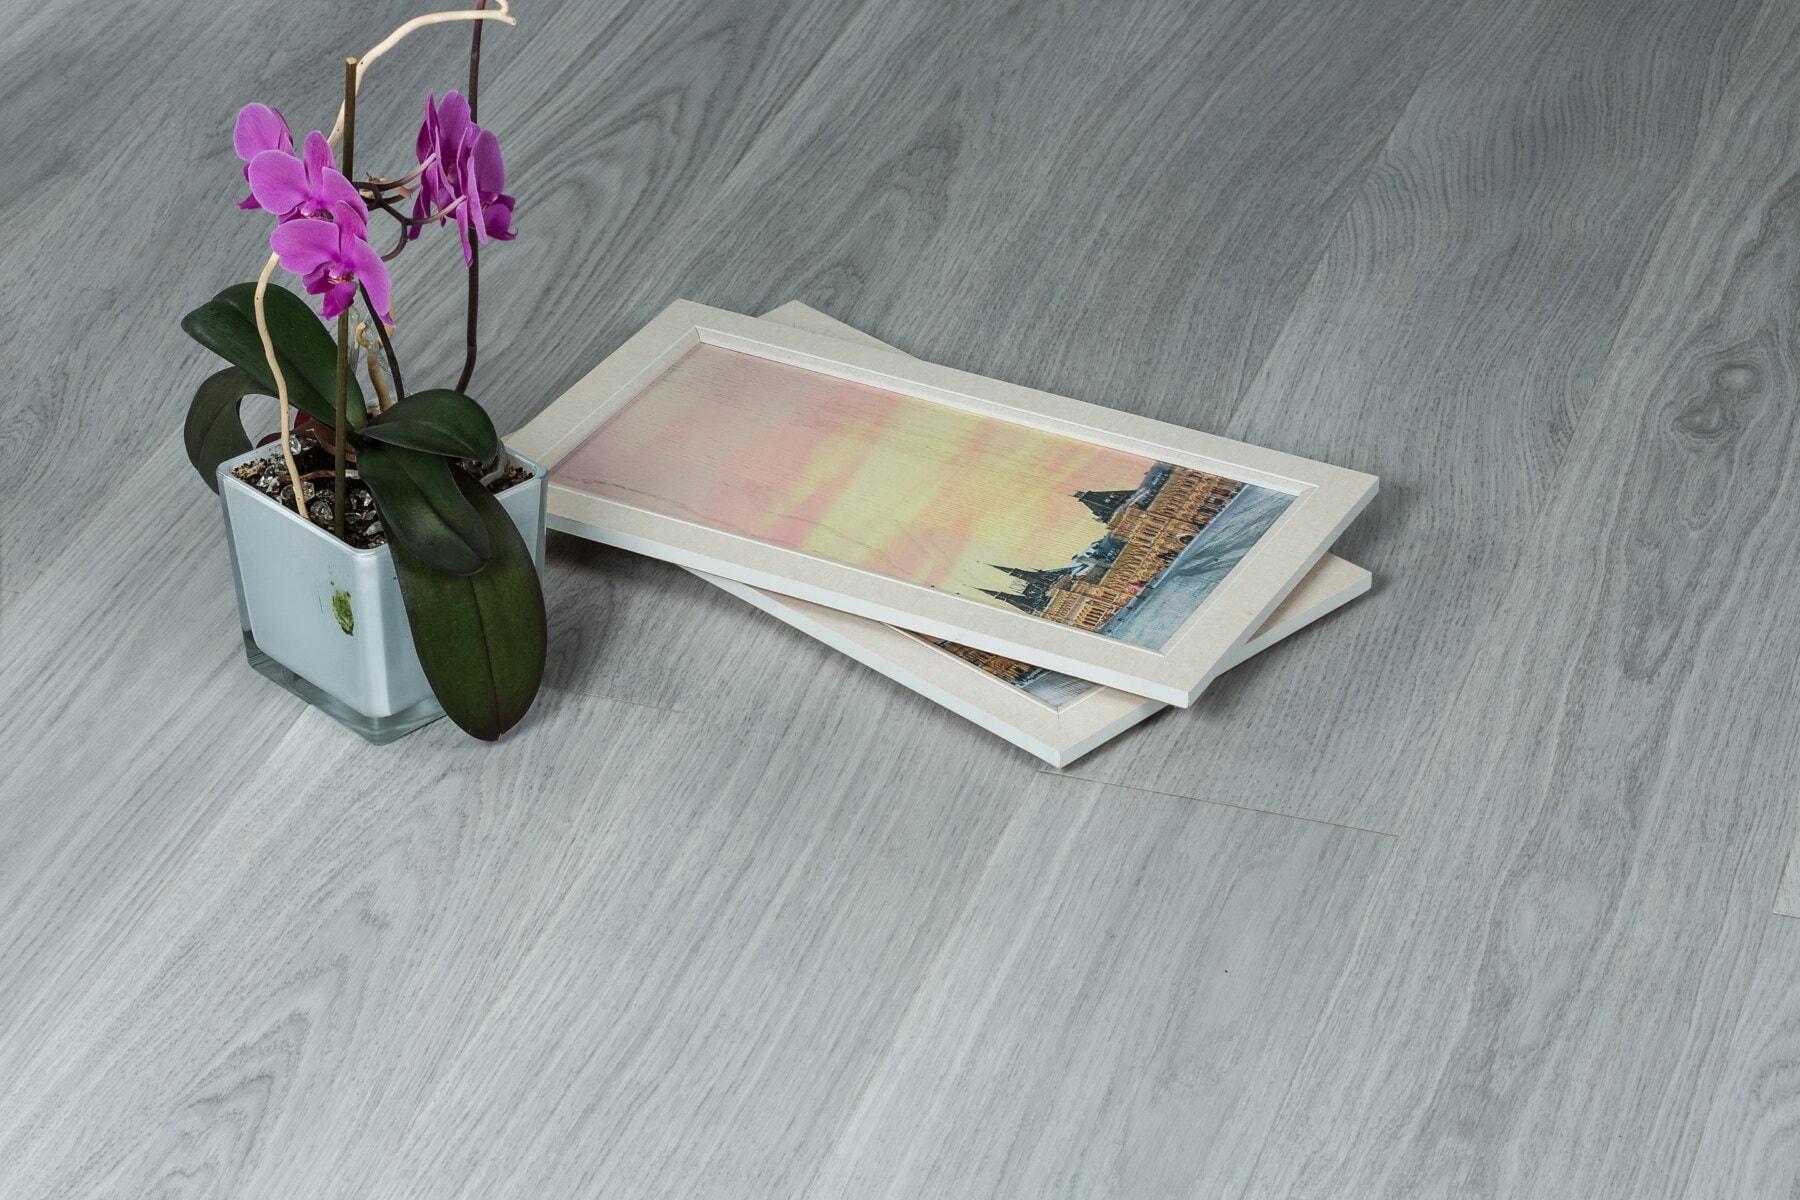 兰花, 紫色, 微型, 主义, 室内设计, 框架, 图片, 花, 叶, 复古